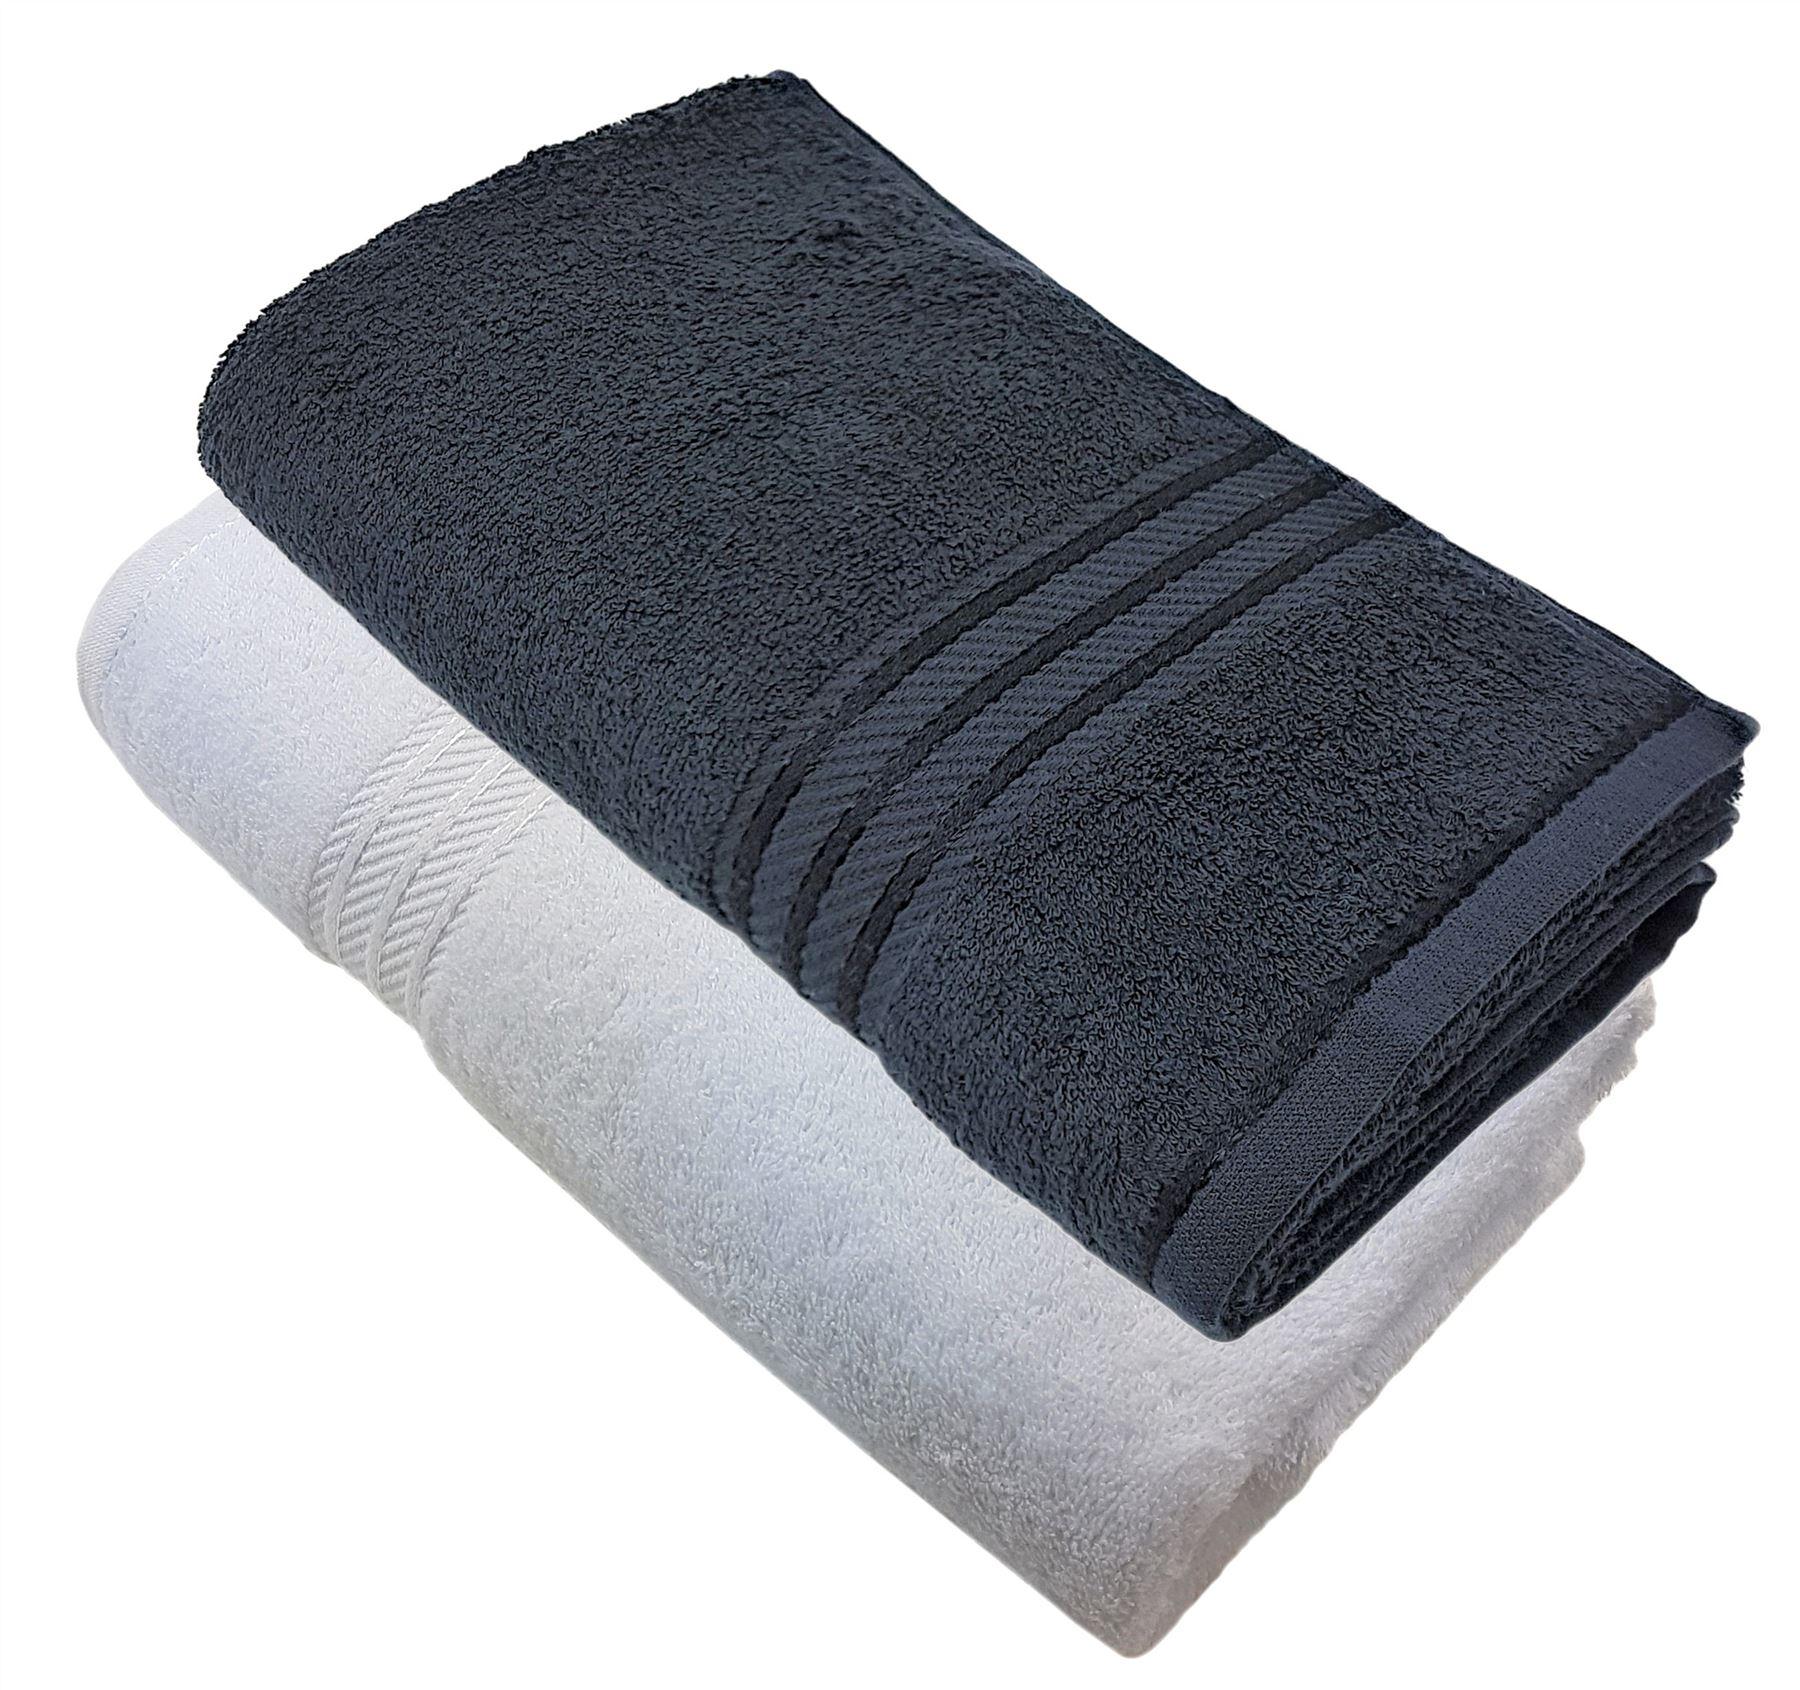 600 g//m² Serviette de bain LUXOR en coton égyptien noir